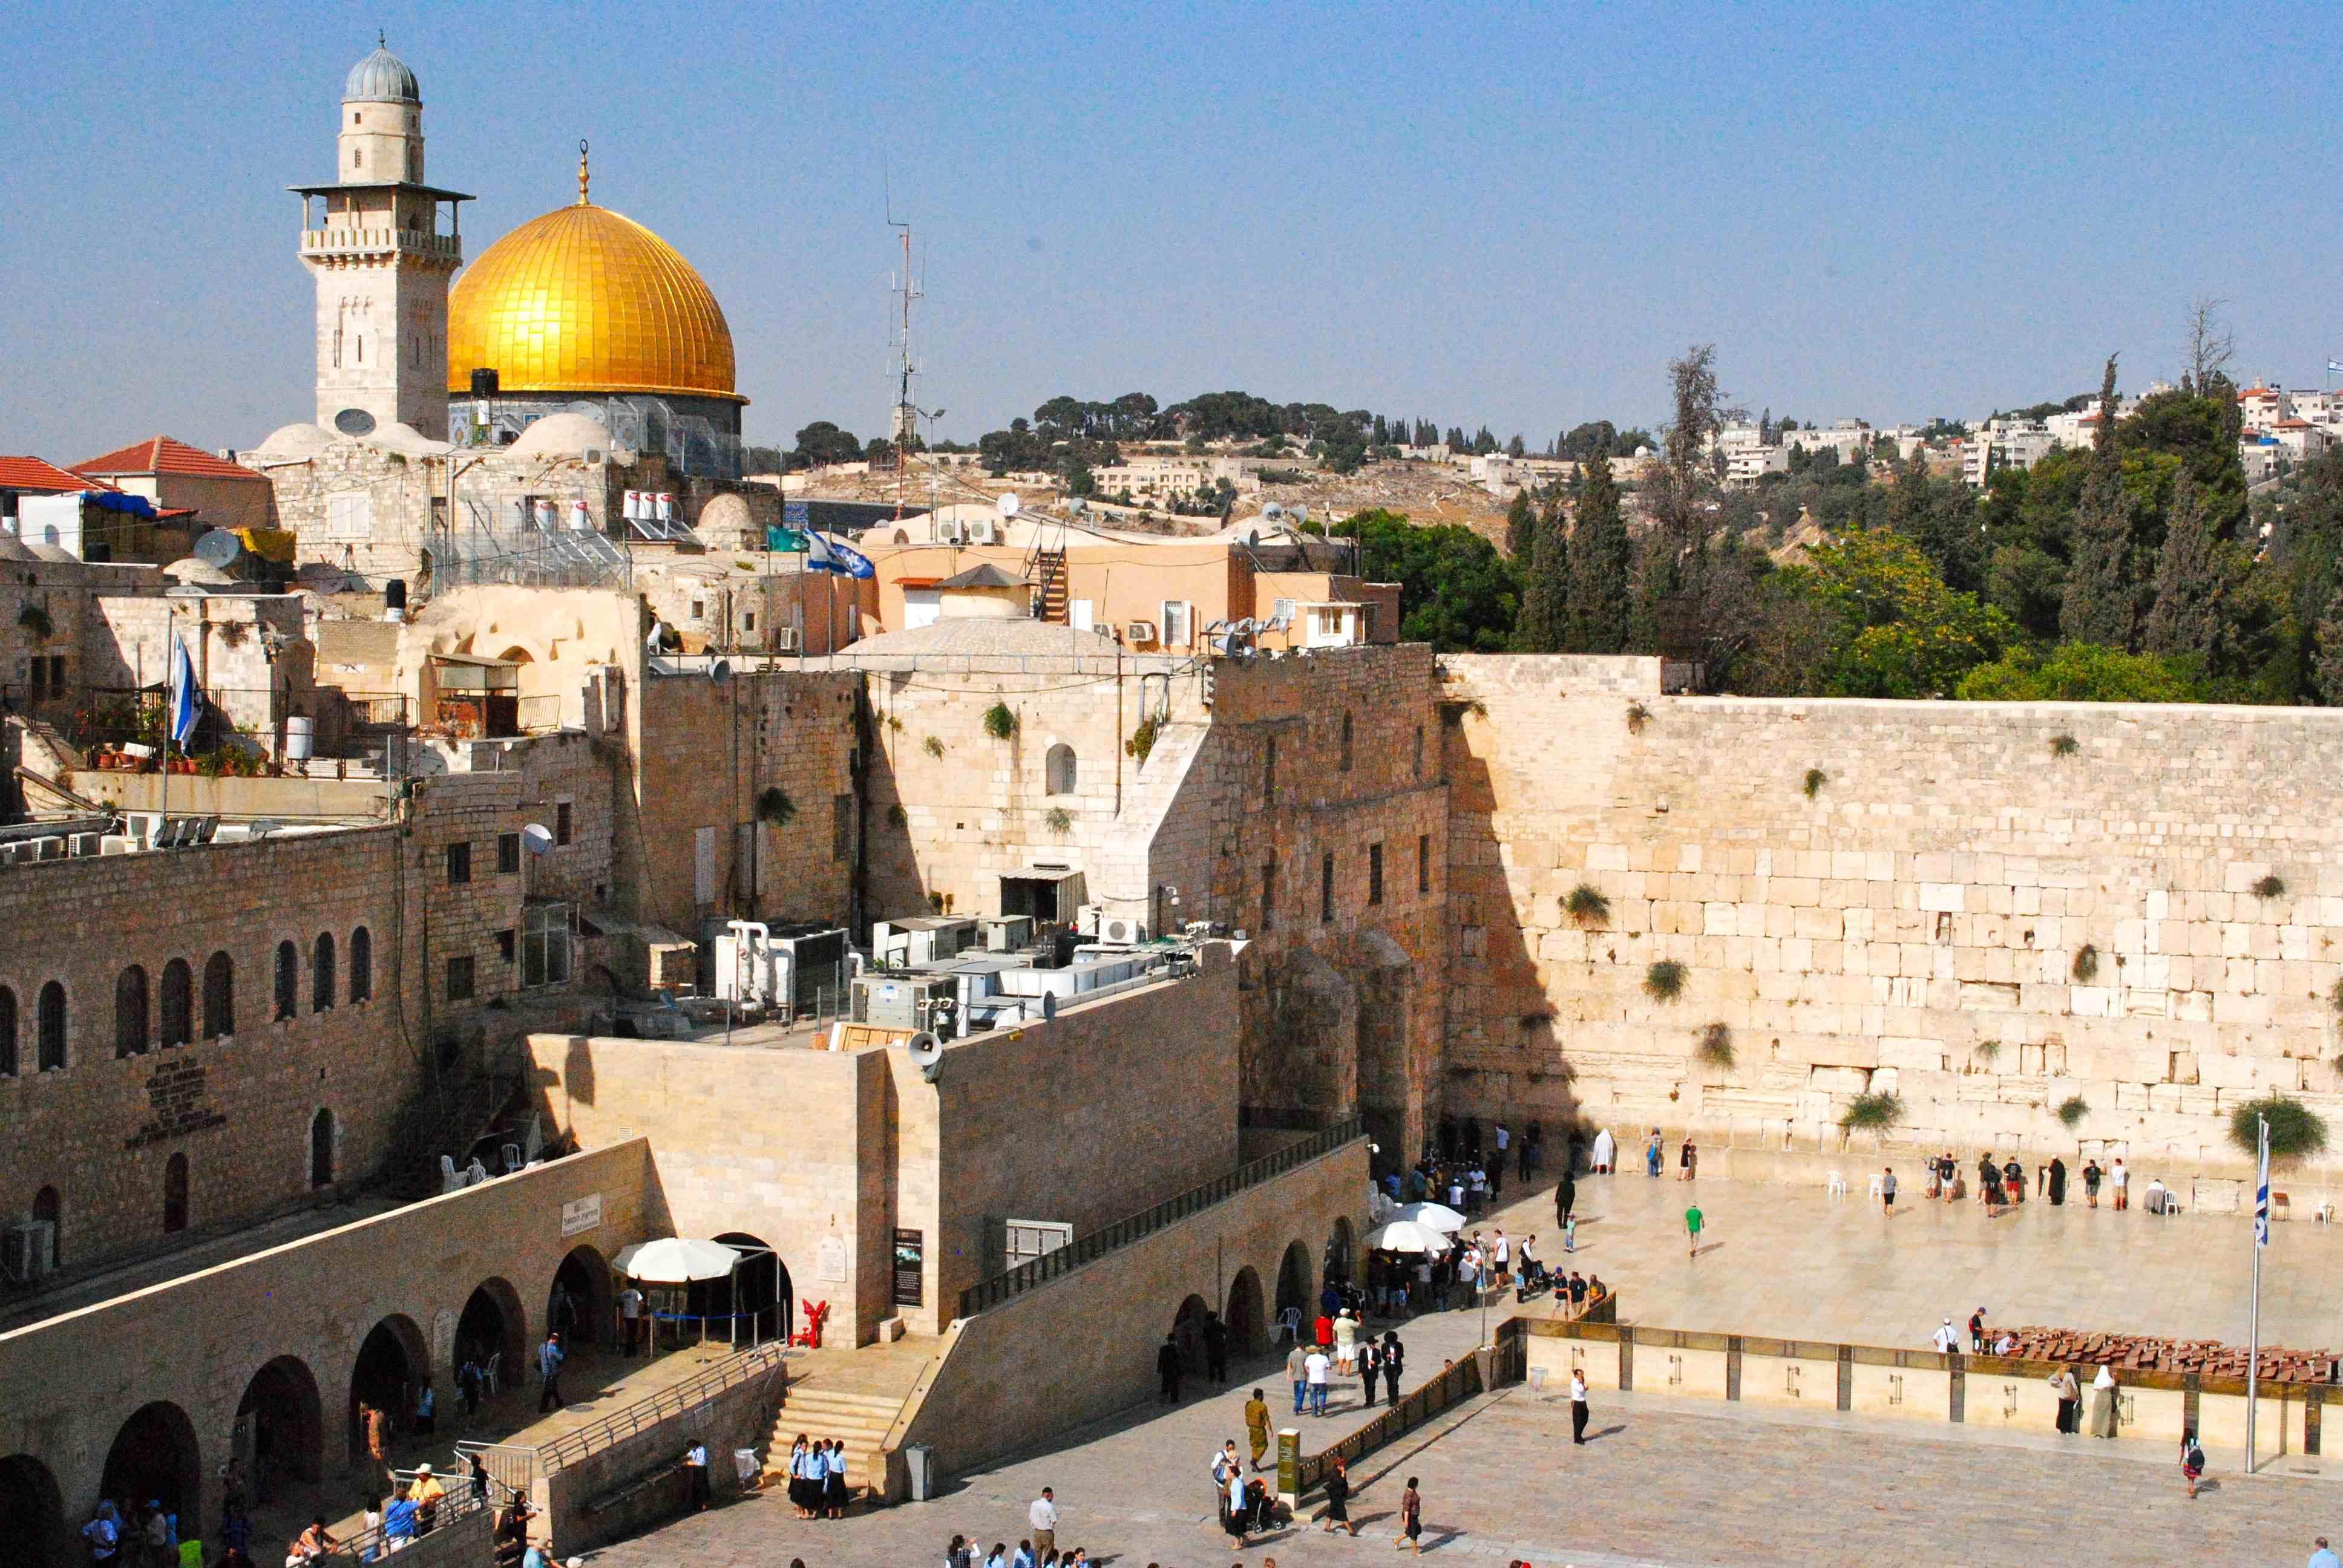 16 octobre 2016 : Une résolution de l'UNESCO gomme le passé juif d'Israël